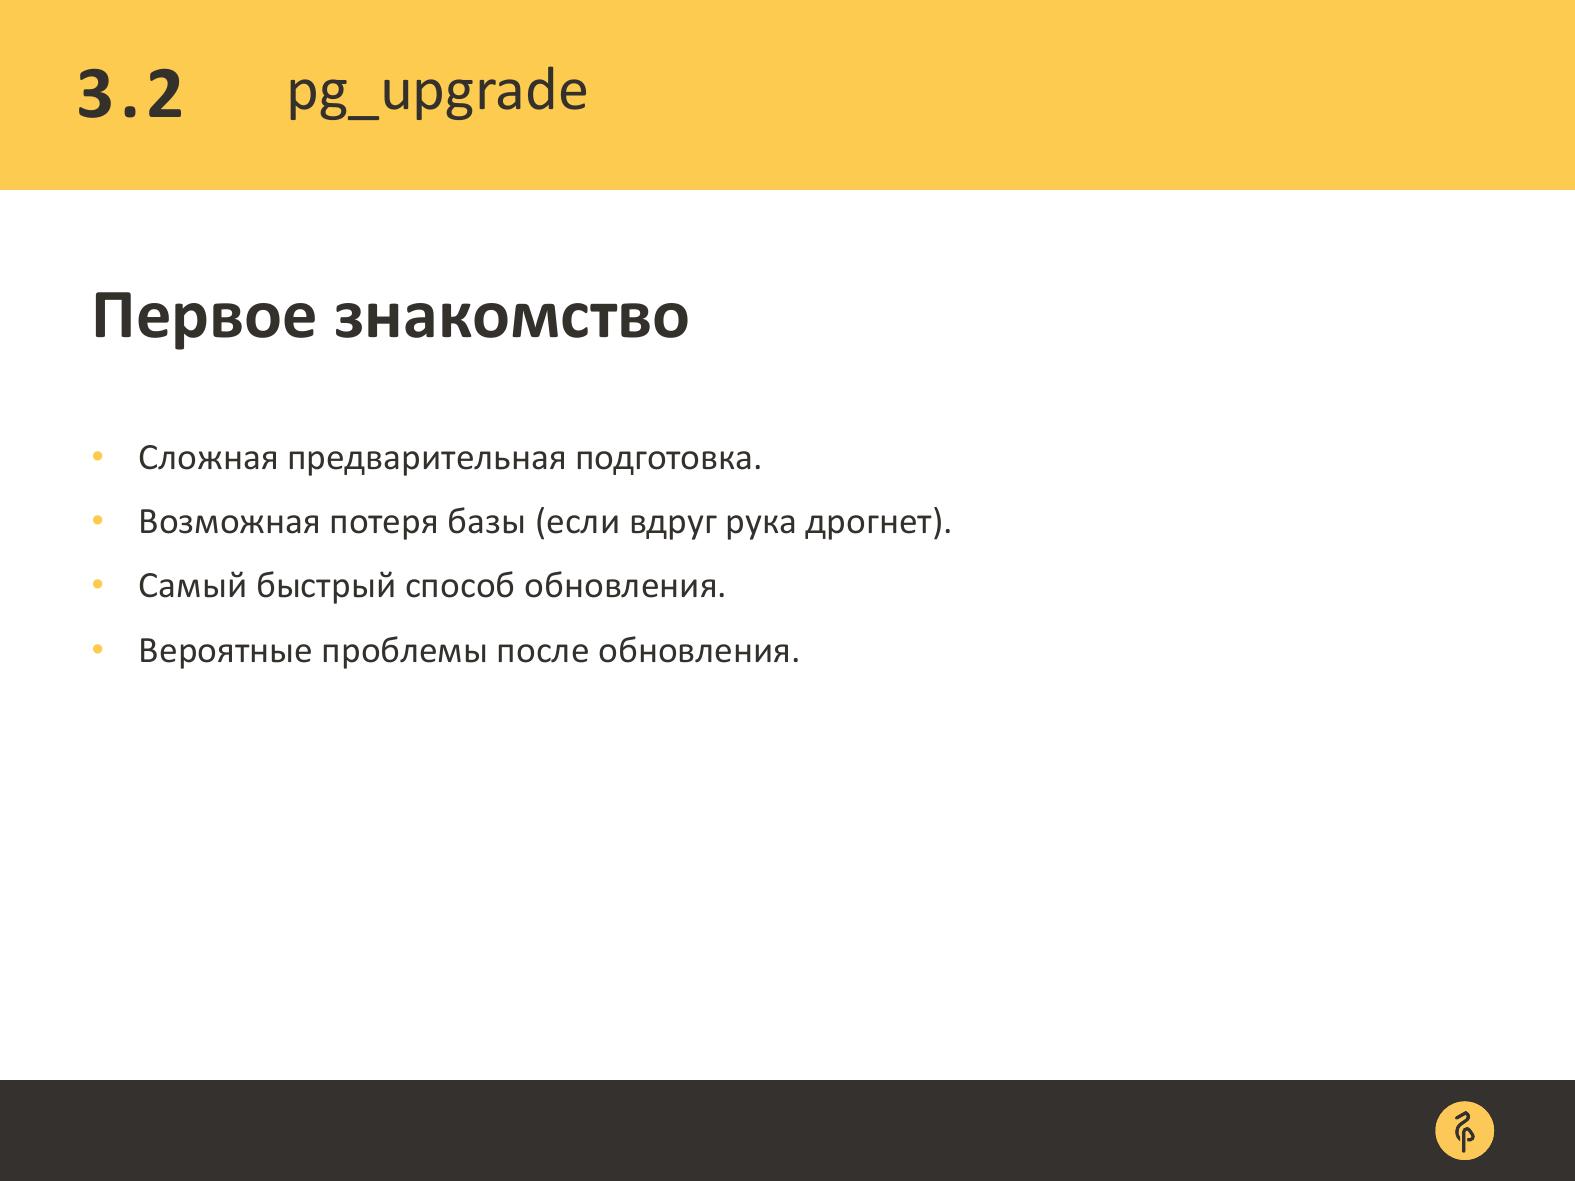 Практика обновления версий PostgreSQL. Андрей Сальников - 14